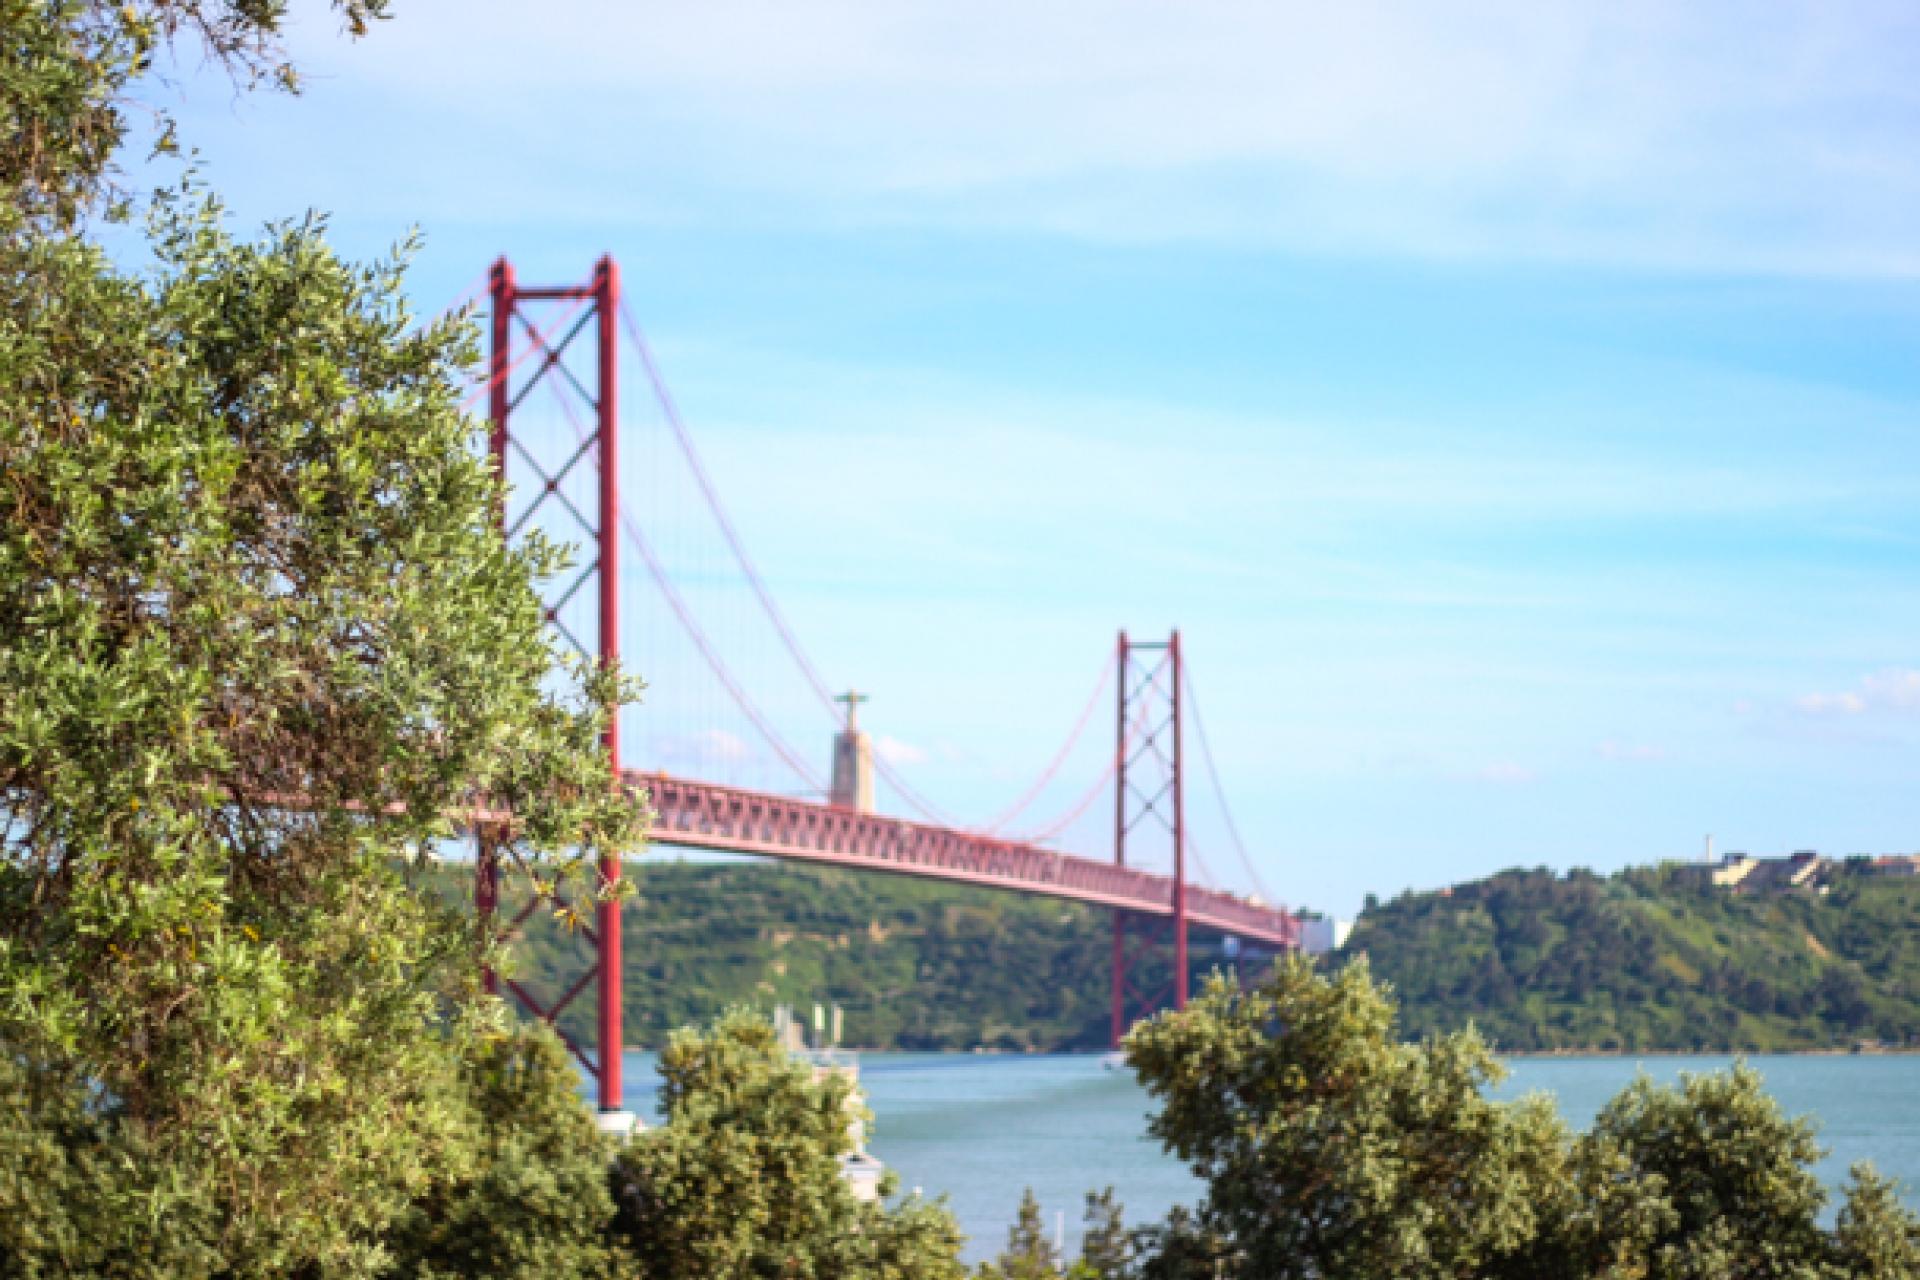 Lisboa Cool - Melhores Miradouros - Miradouro de Sto. Amaro